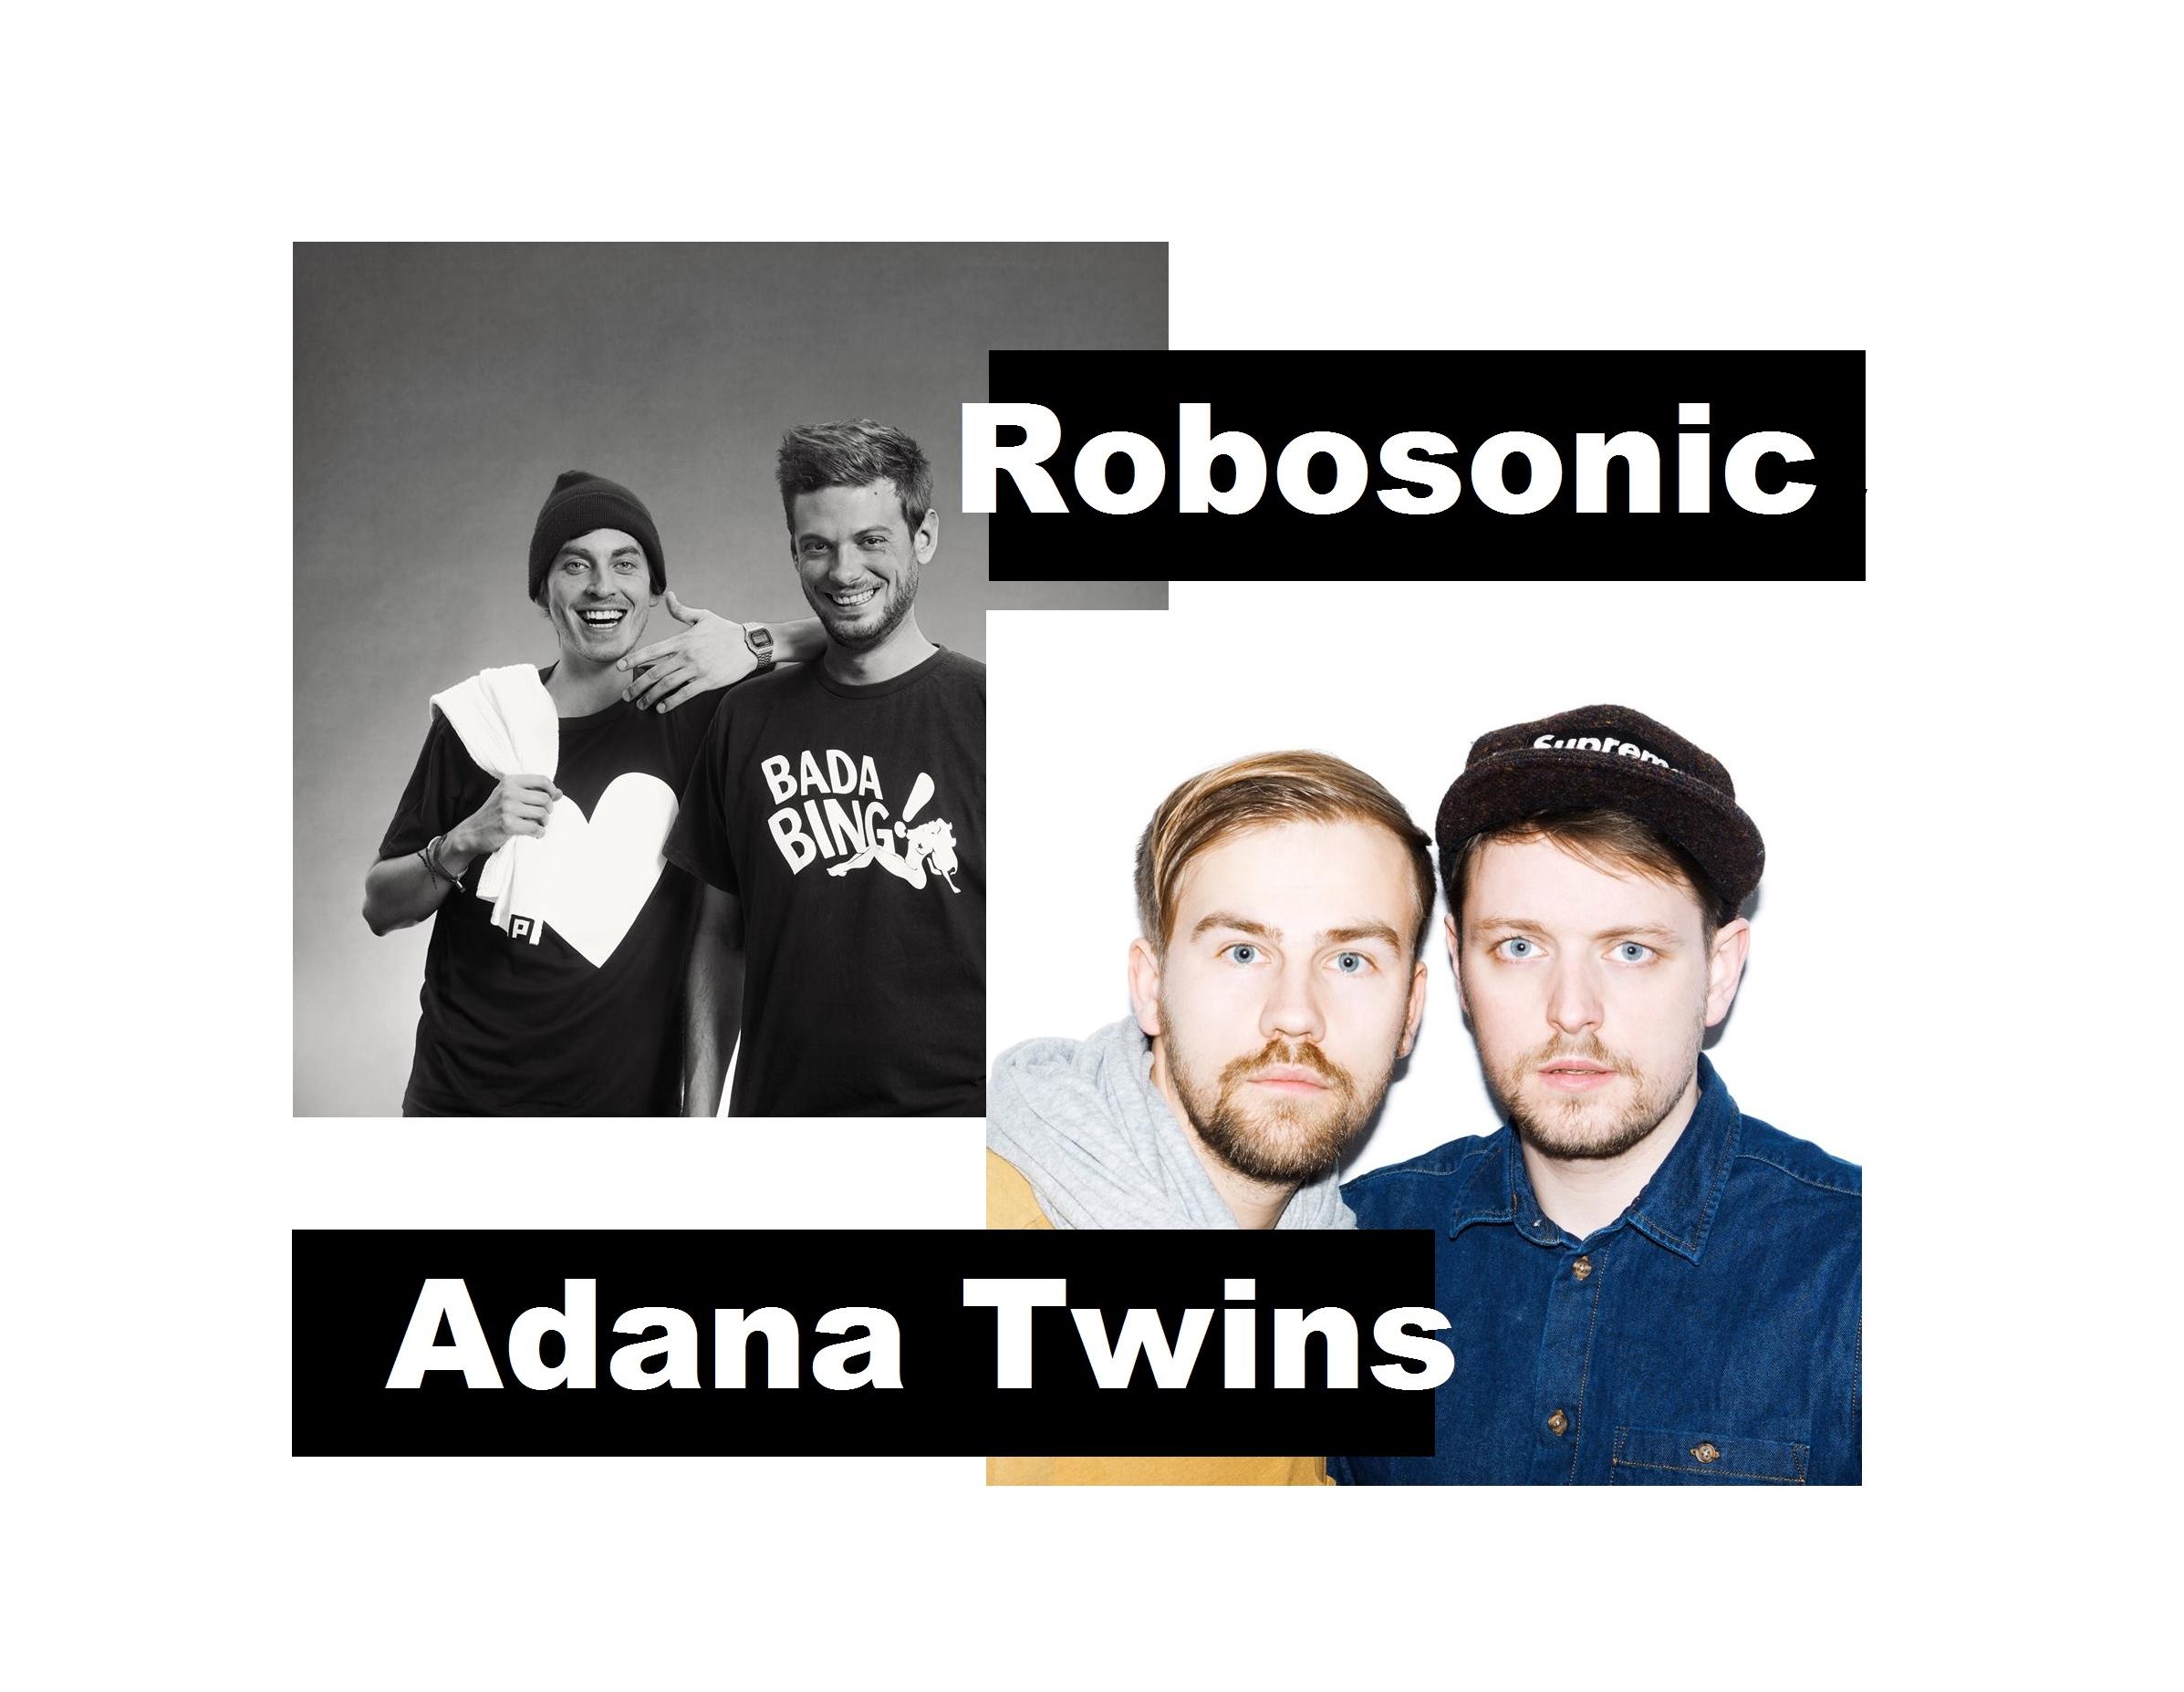 robosonic adana twins la fique